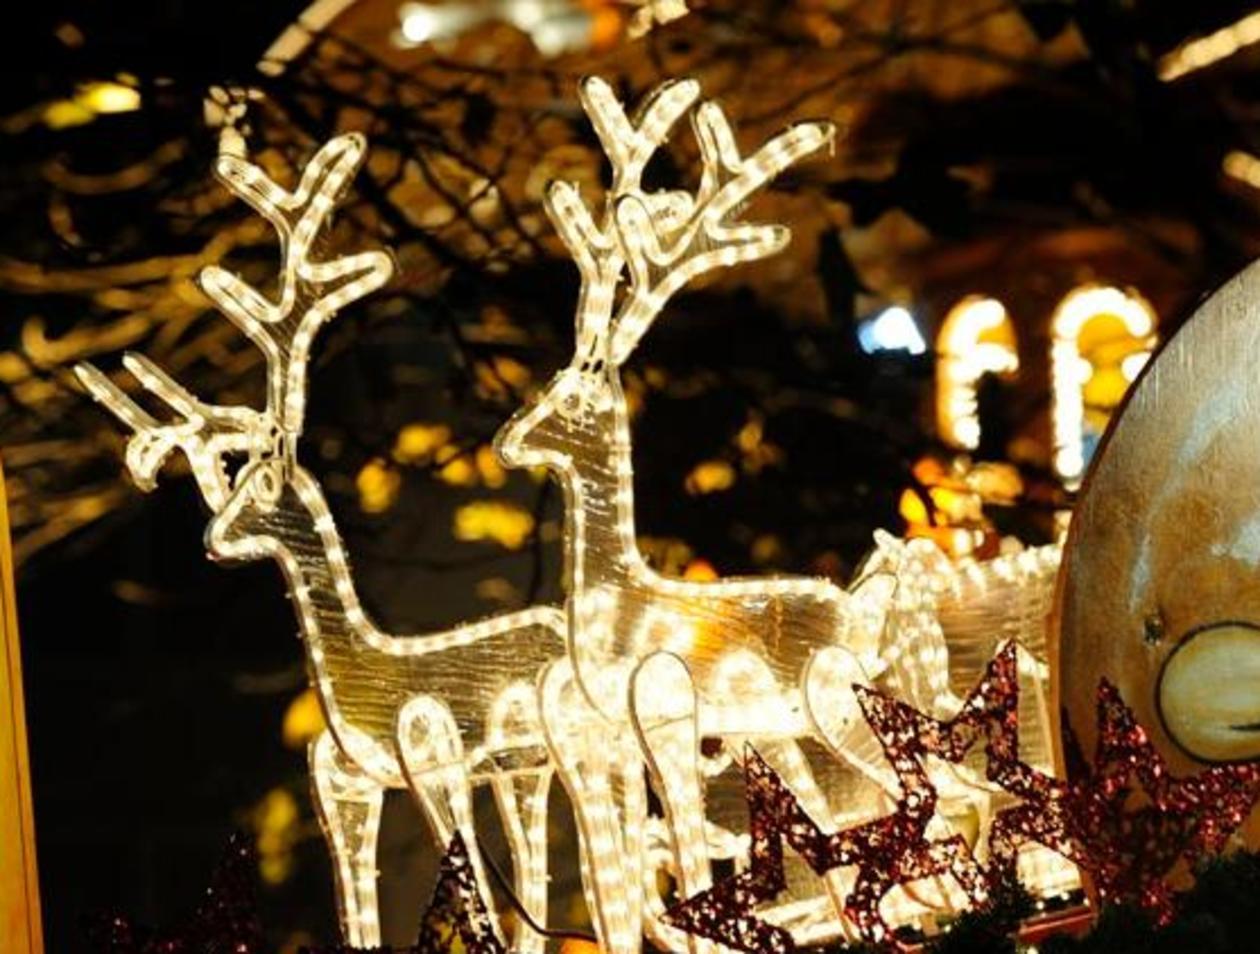 Weihnachtsmarkt Oberammergau.Christkindlmärkte Region Weihnachtsmarkt Oberammergau Leben